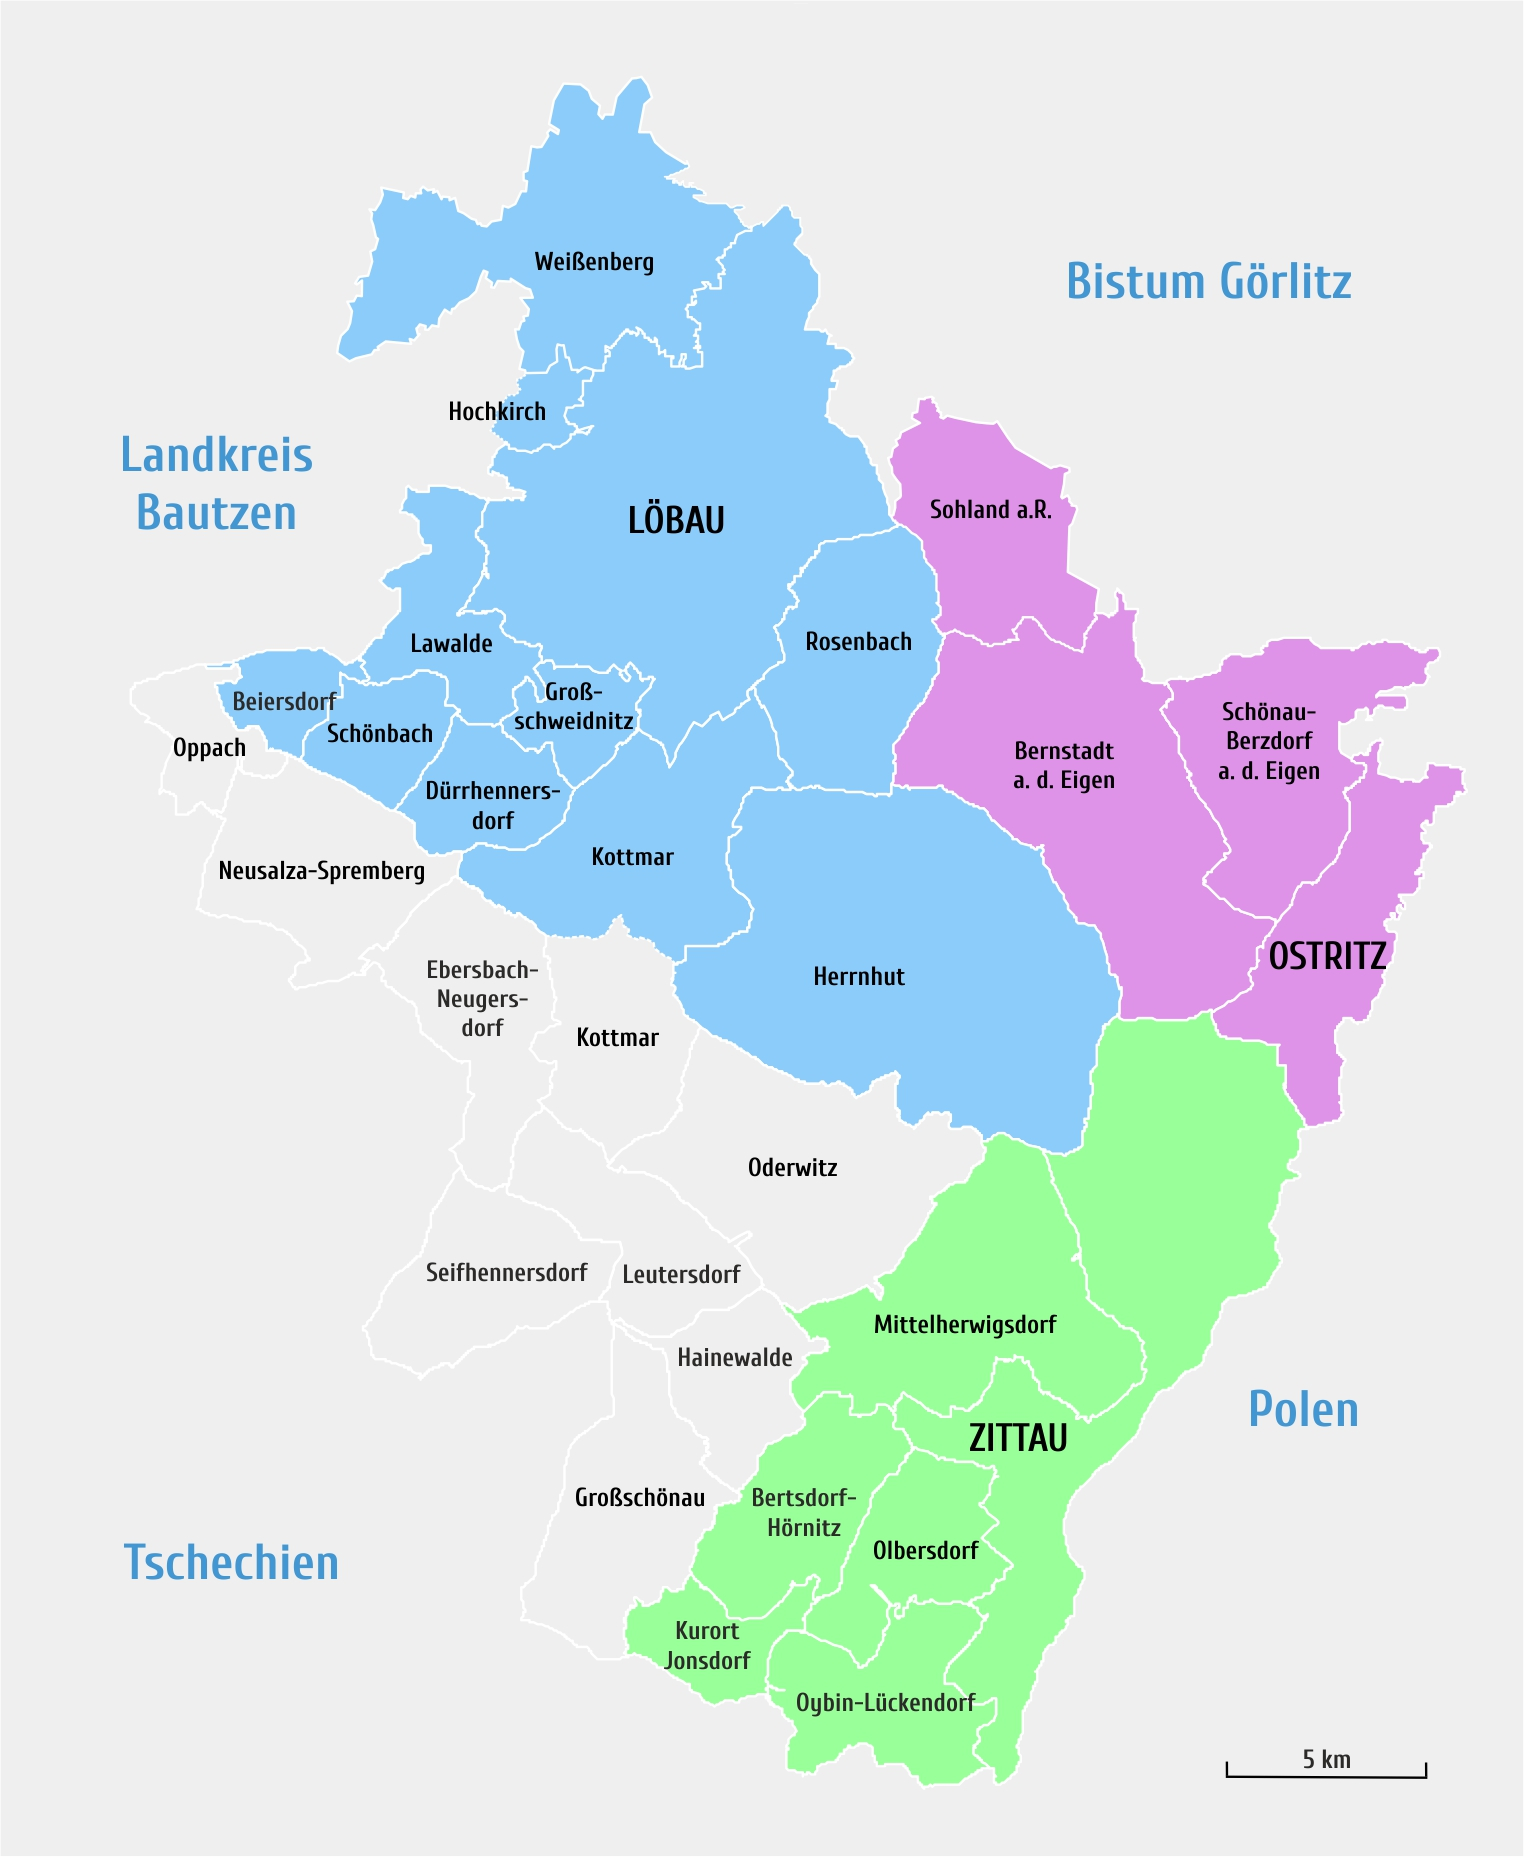 Karte des Pfarreigebiets